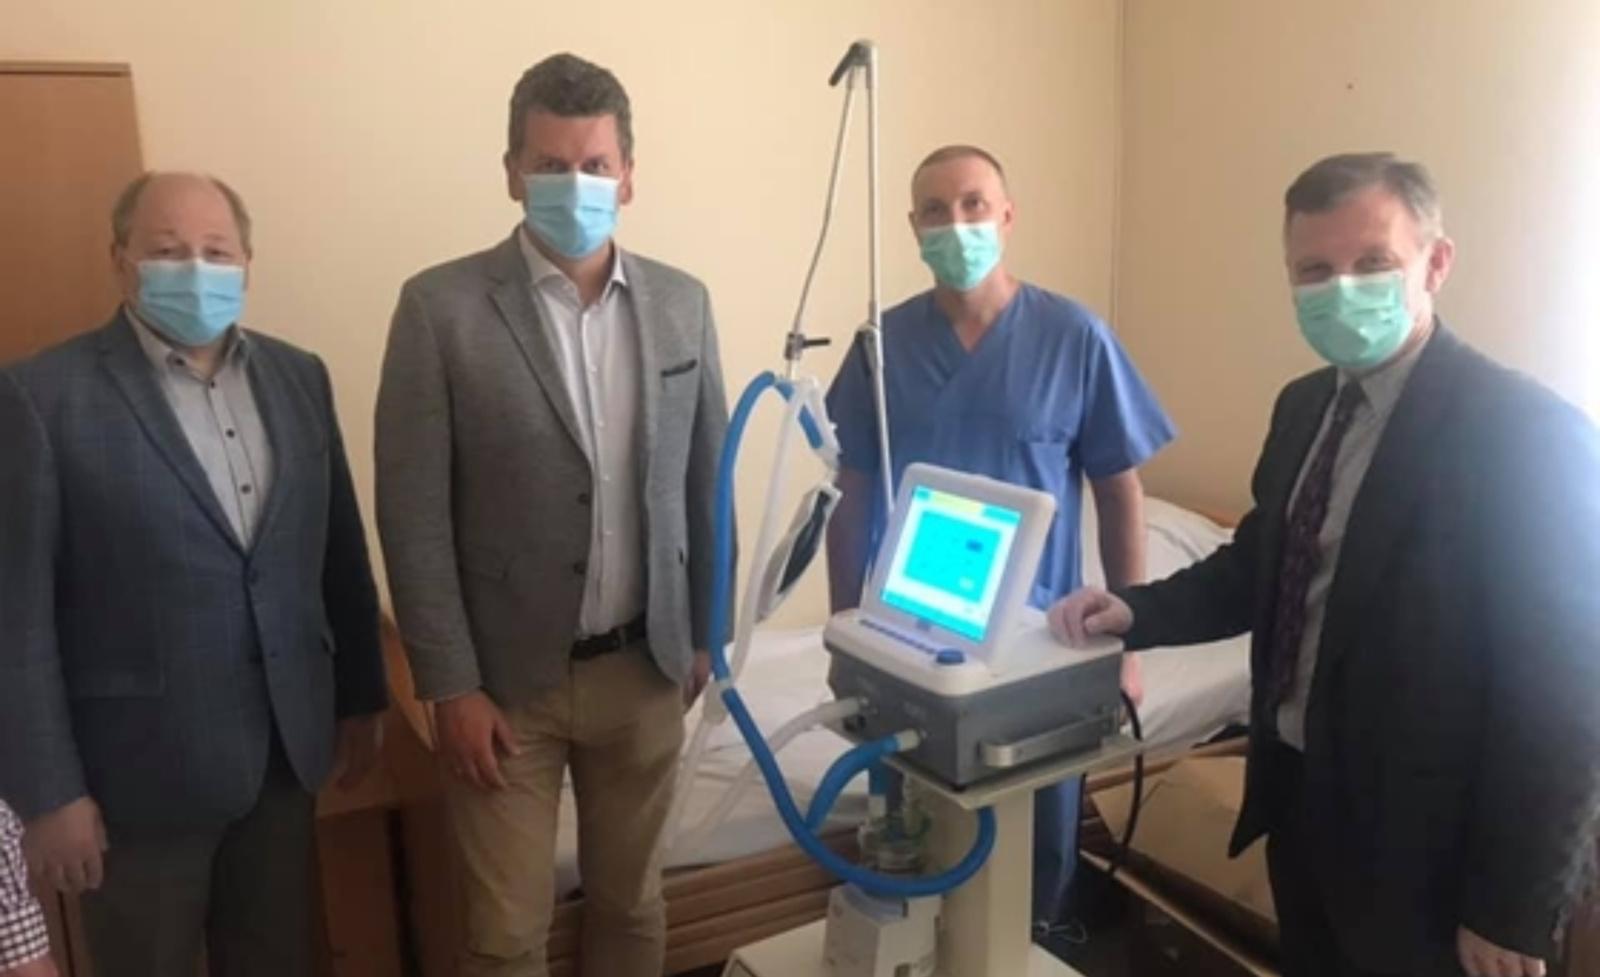 Radviliškio ligoninę pasiekė naujas plaučių ventiliavimo aparatas